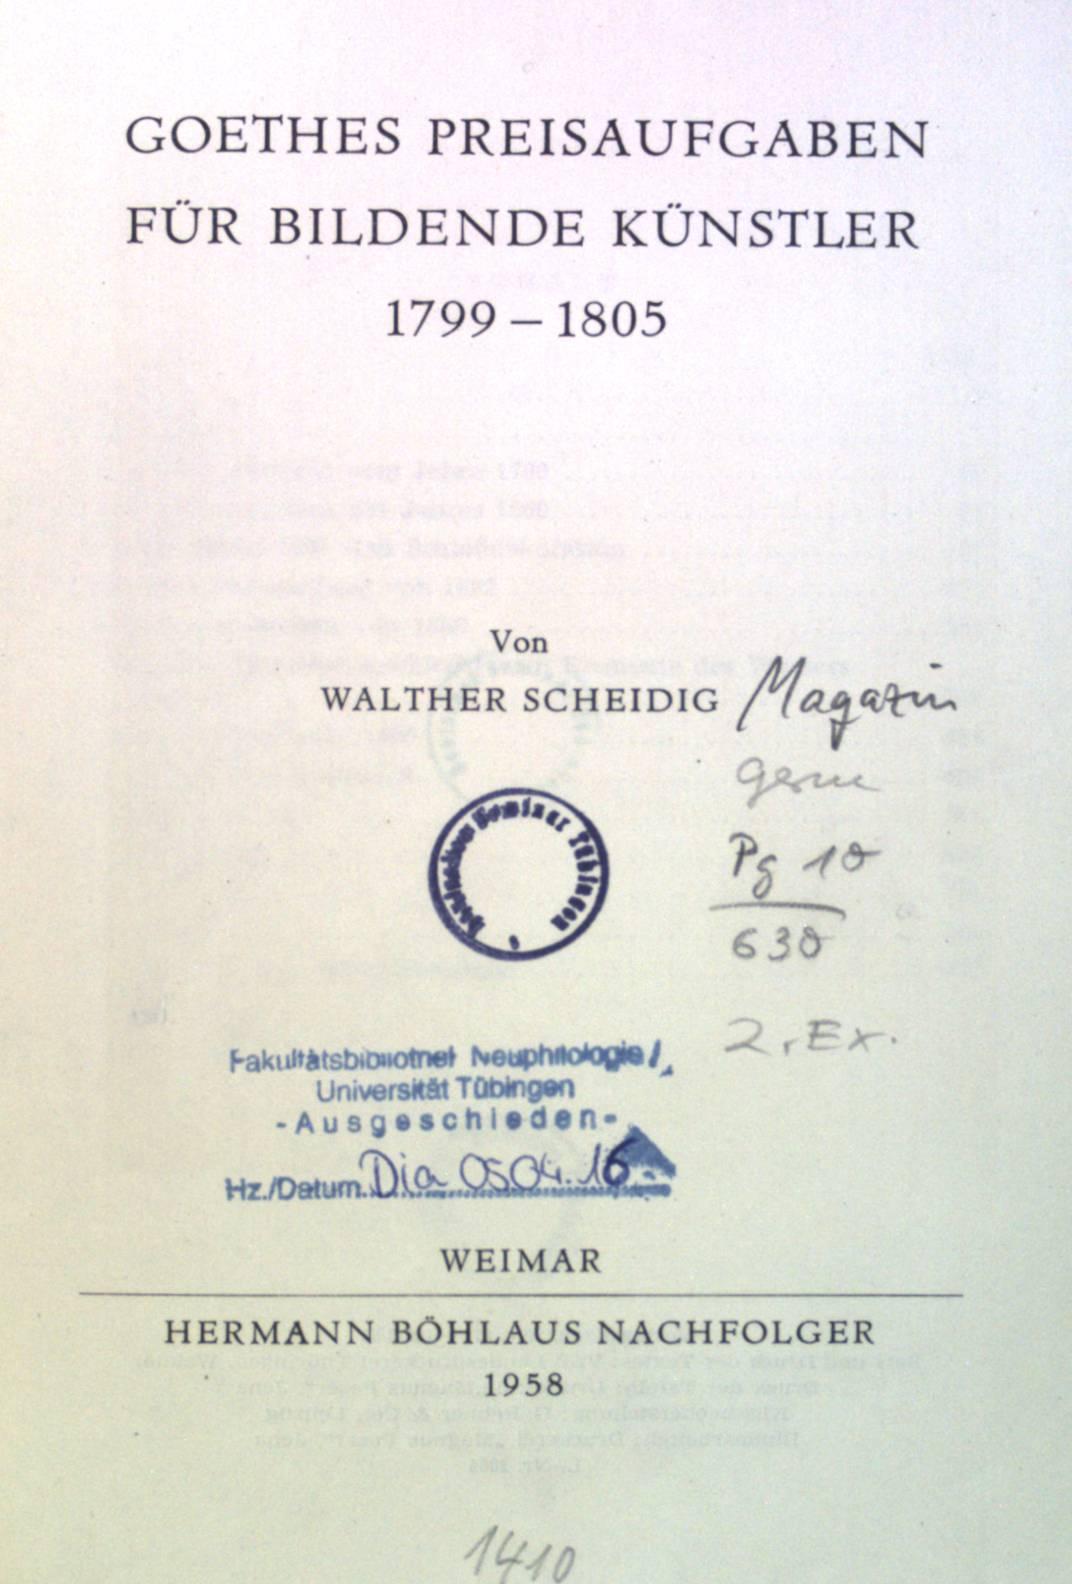 Goethes Preisaufgaben für bildende Künstler 1799-1805. Schriften: Scheidig, Walther: